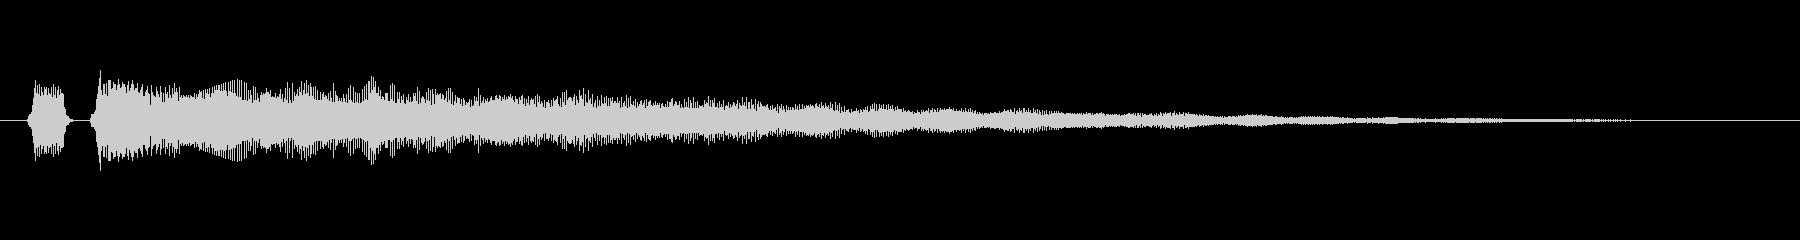 【フレーズ05-2】の未再生の波形